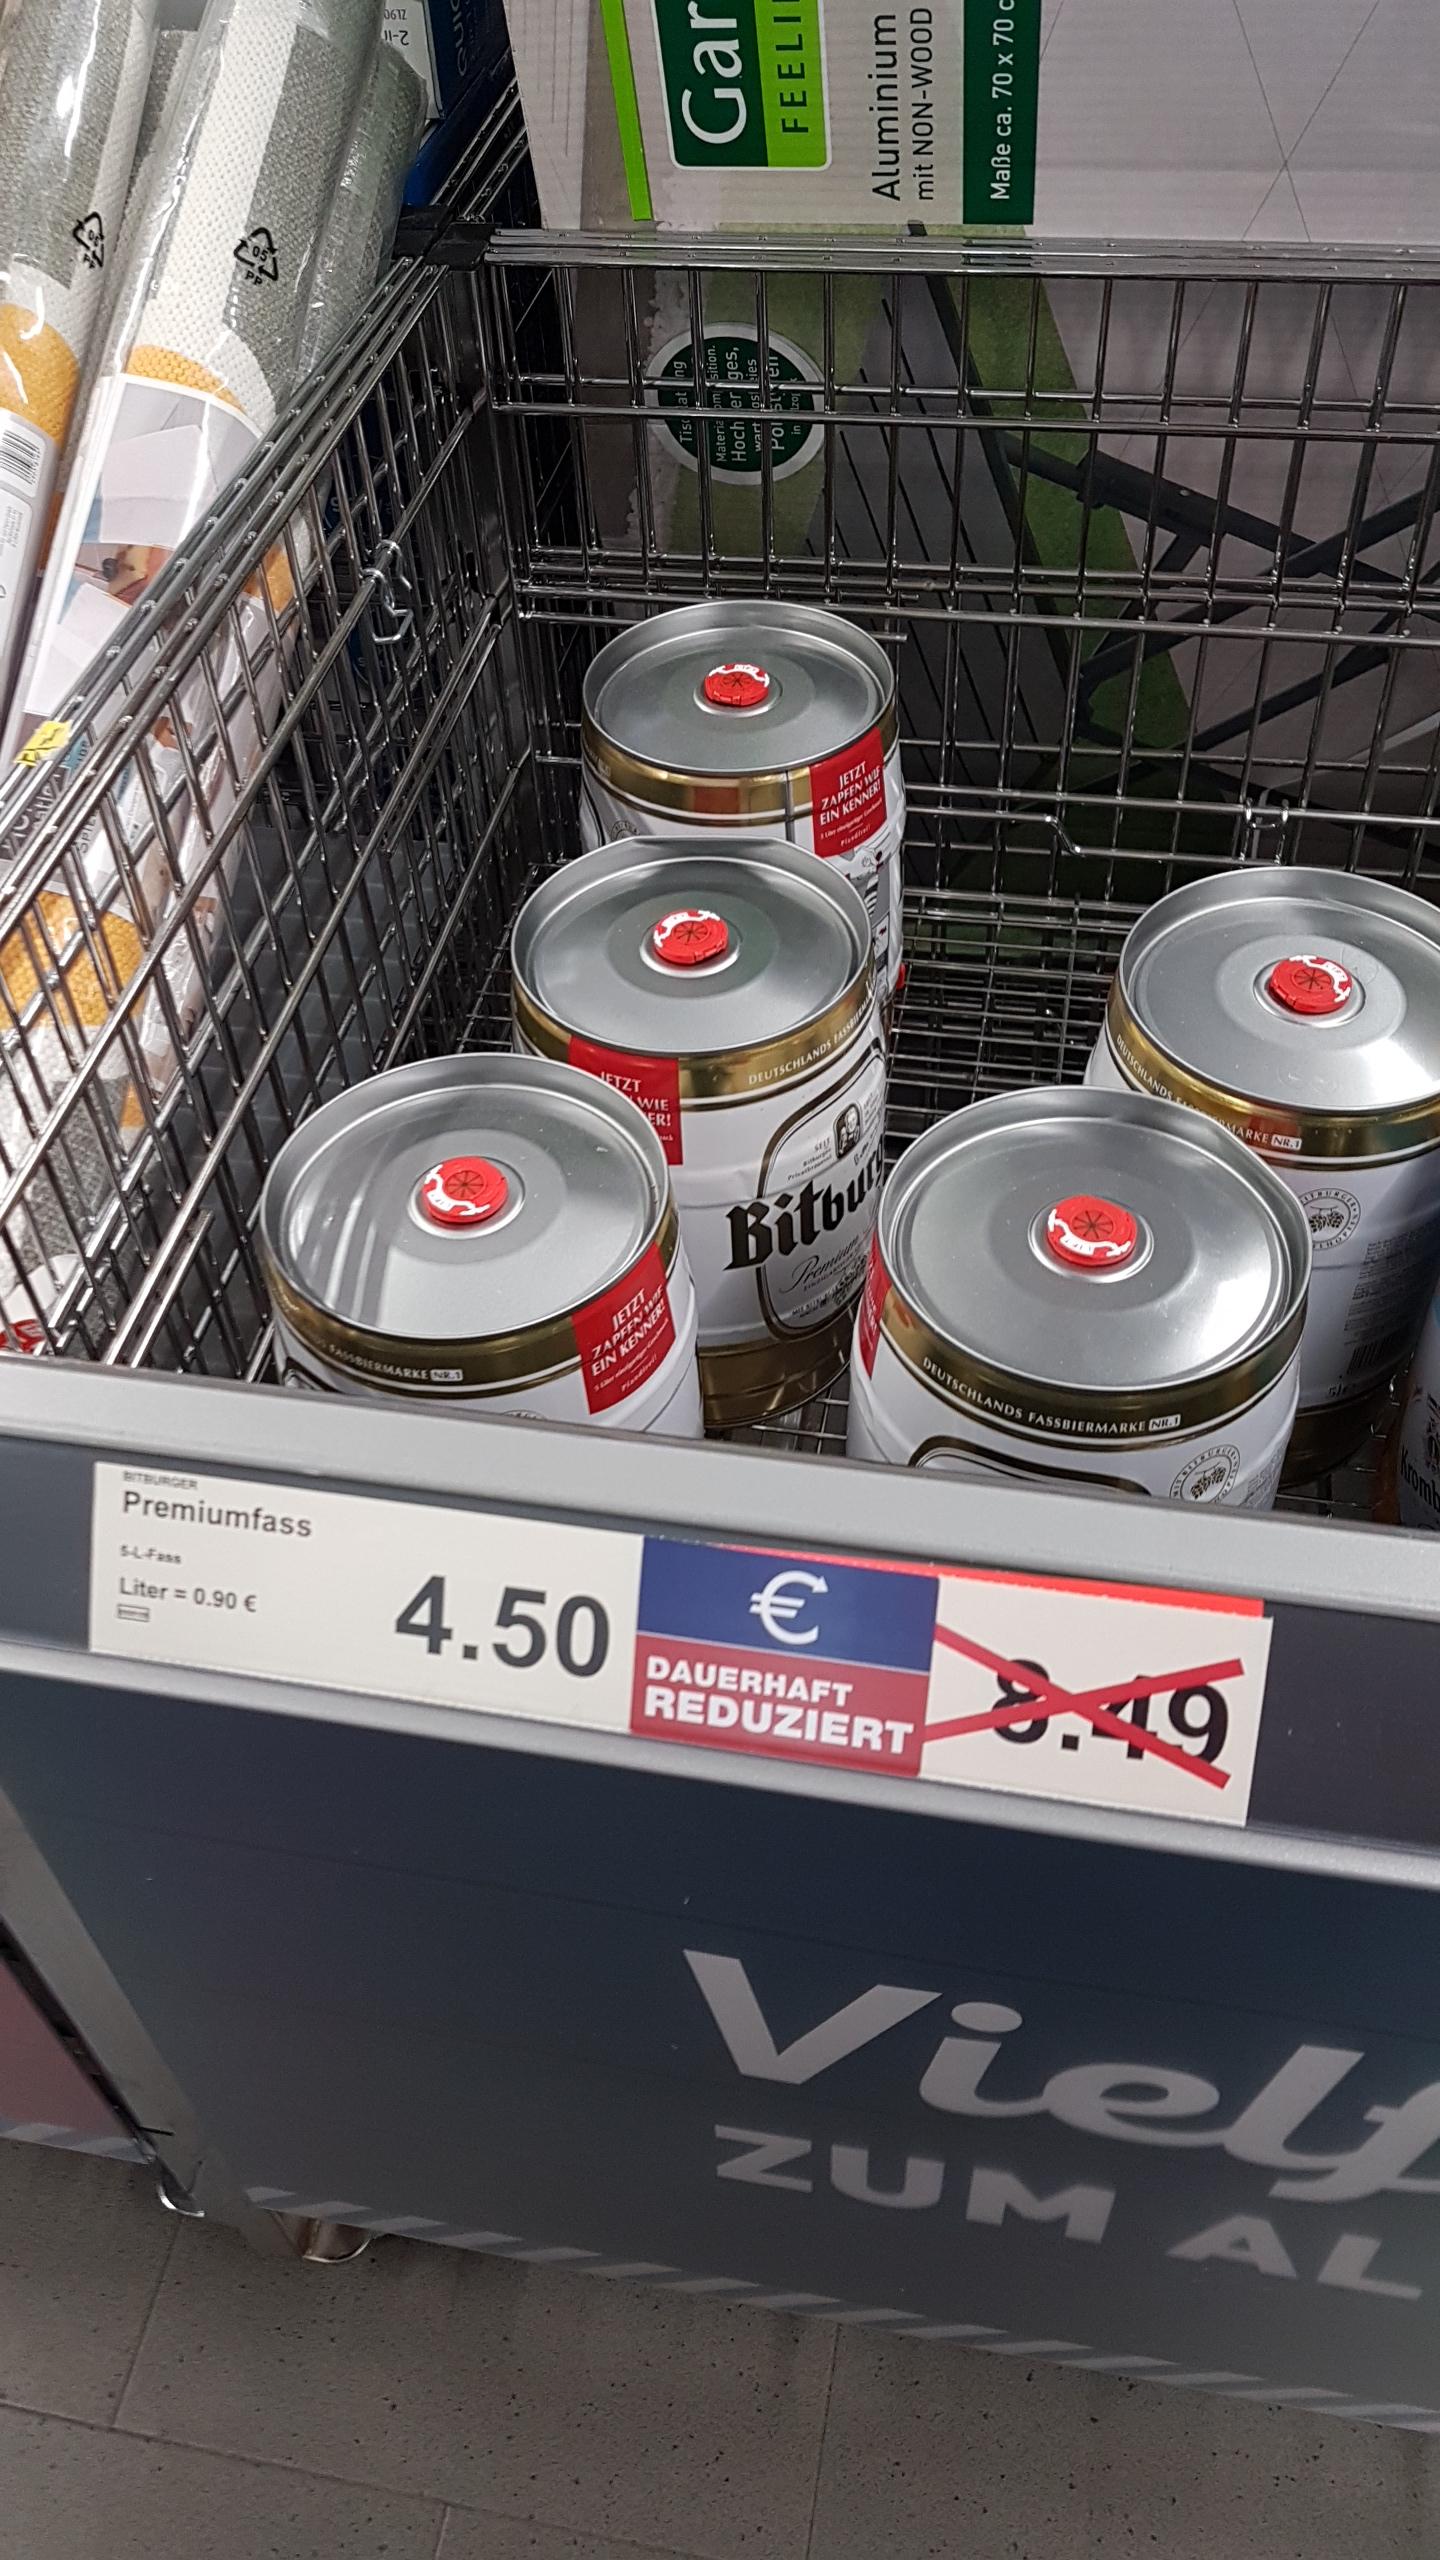 [Lokal Aldi HH-22119] Bitburger 5L Bierfass für 4,50€